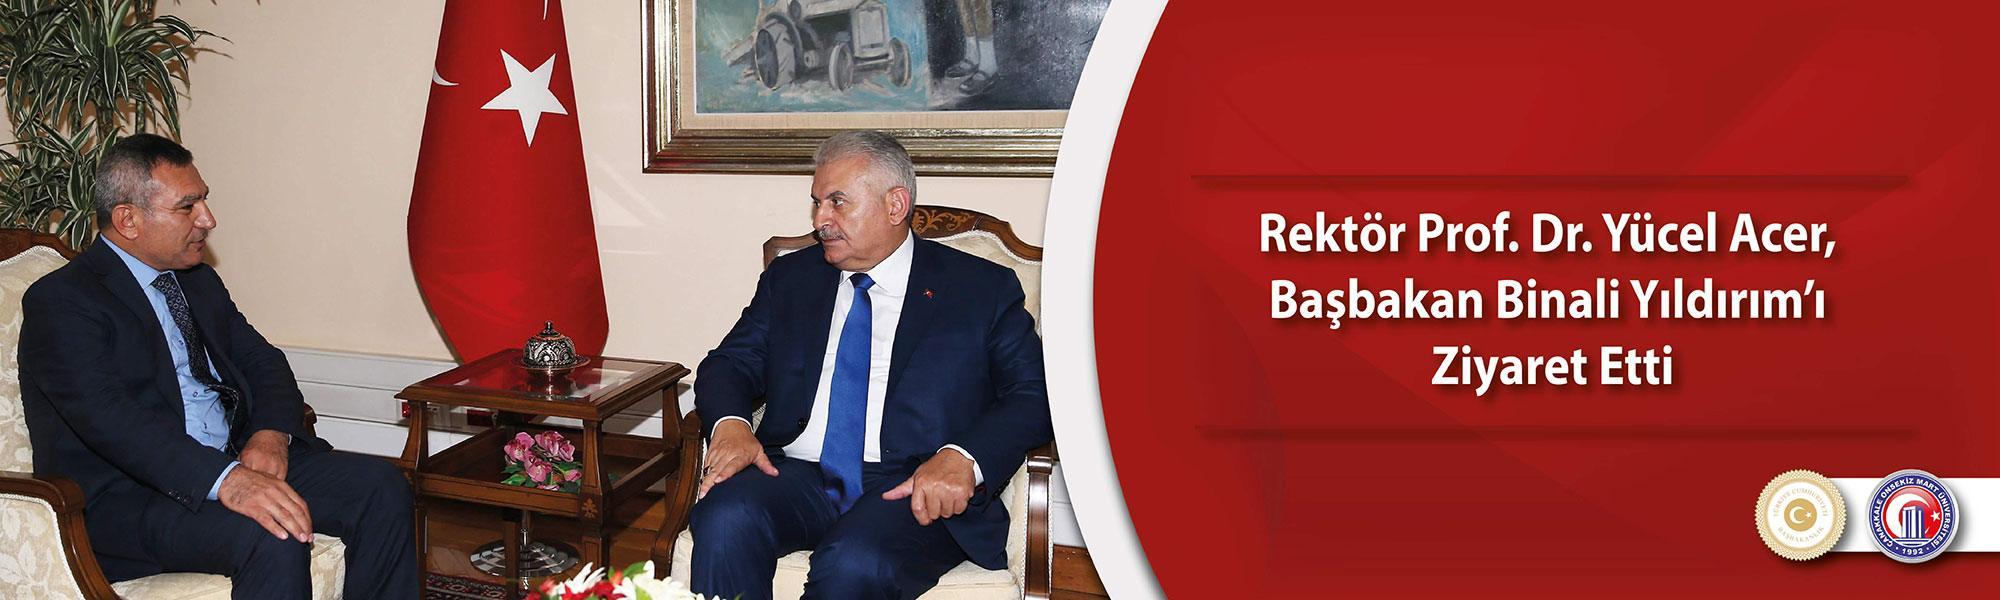 Rektör Prof. Dr. Yücel Acer, Başbakan Binali Yıldırım'ı Ziyaret Etti